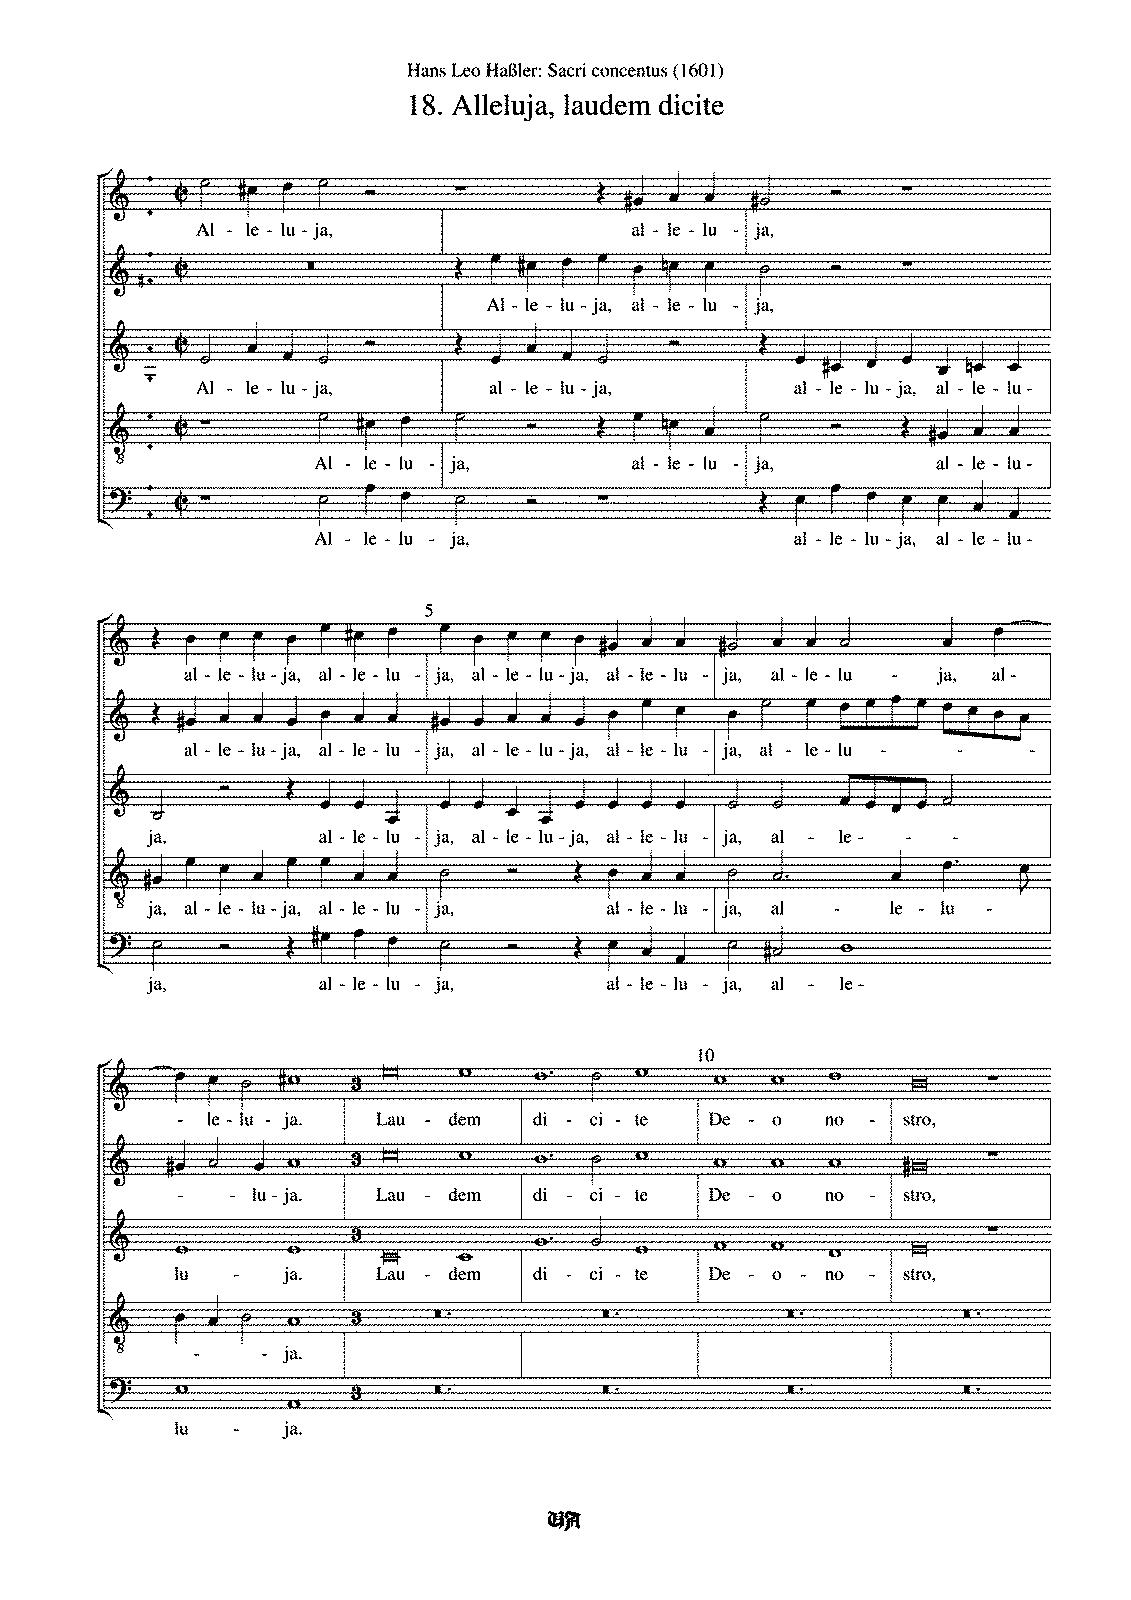 Alleluja, laudem dicite (Hassler, Hans Leo) - IMSLP/Petrucci Music ...